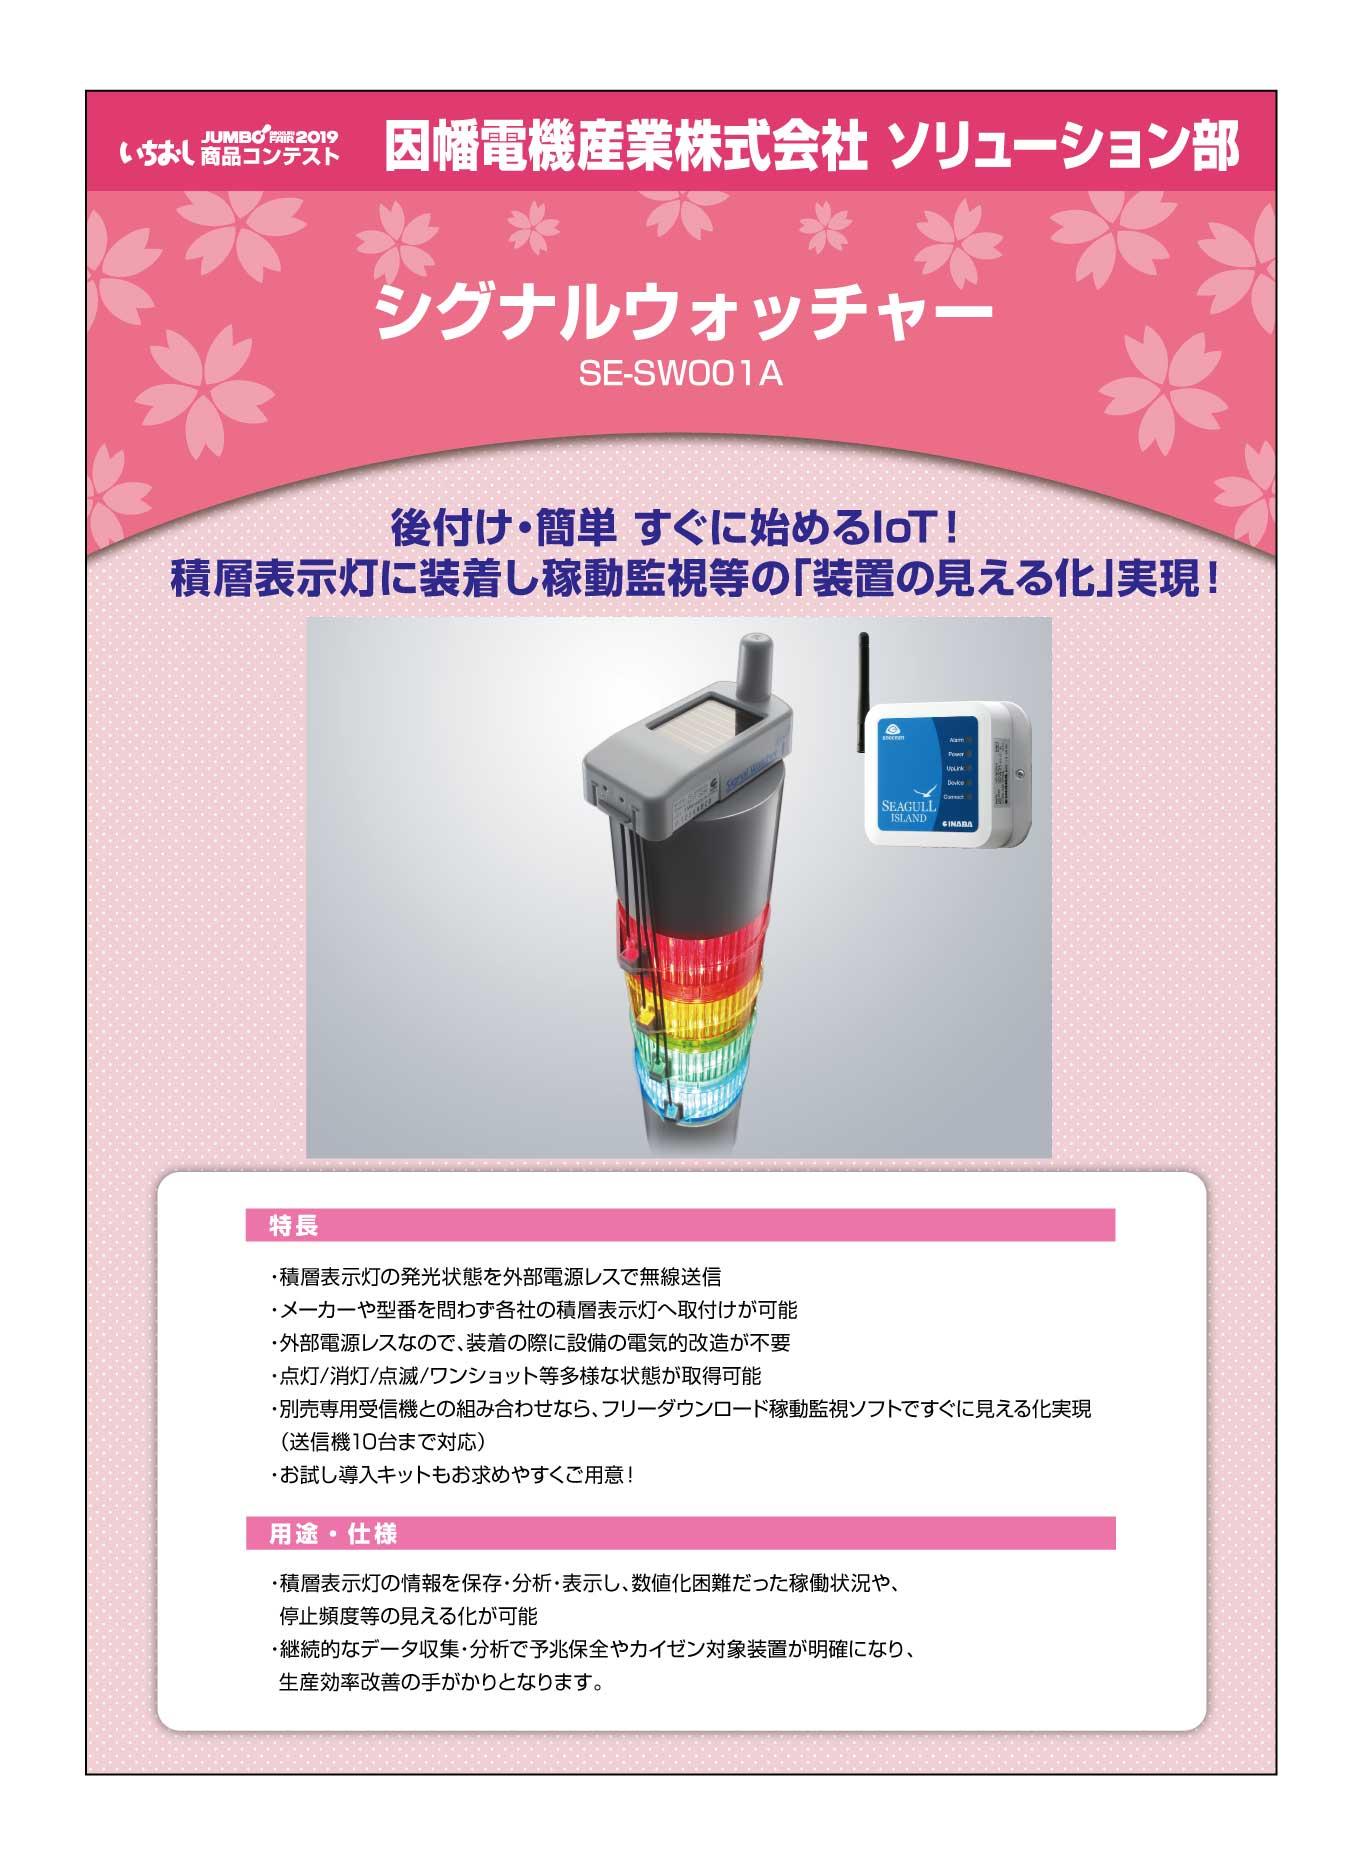 「シグナルウォッチャー」因幡電機産業株式会社 ソリューション部の画像